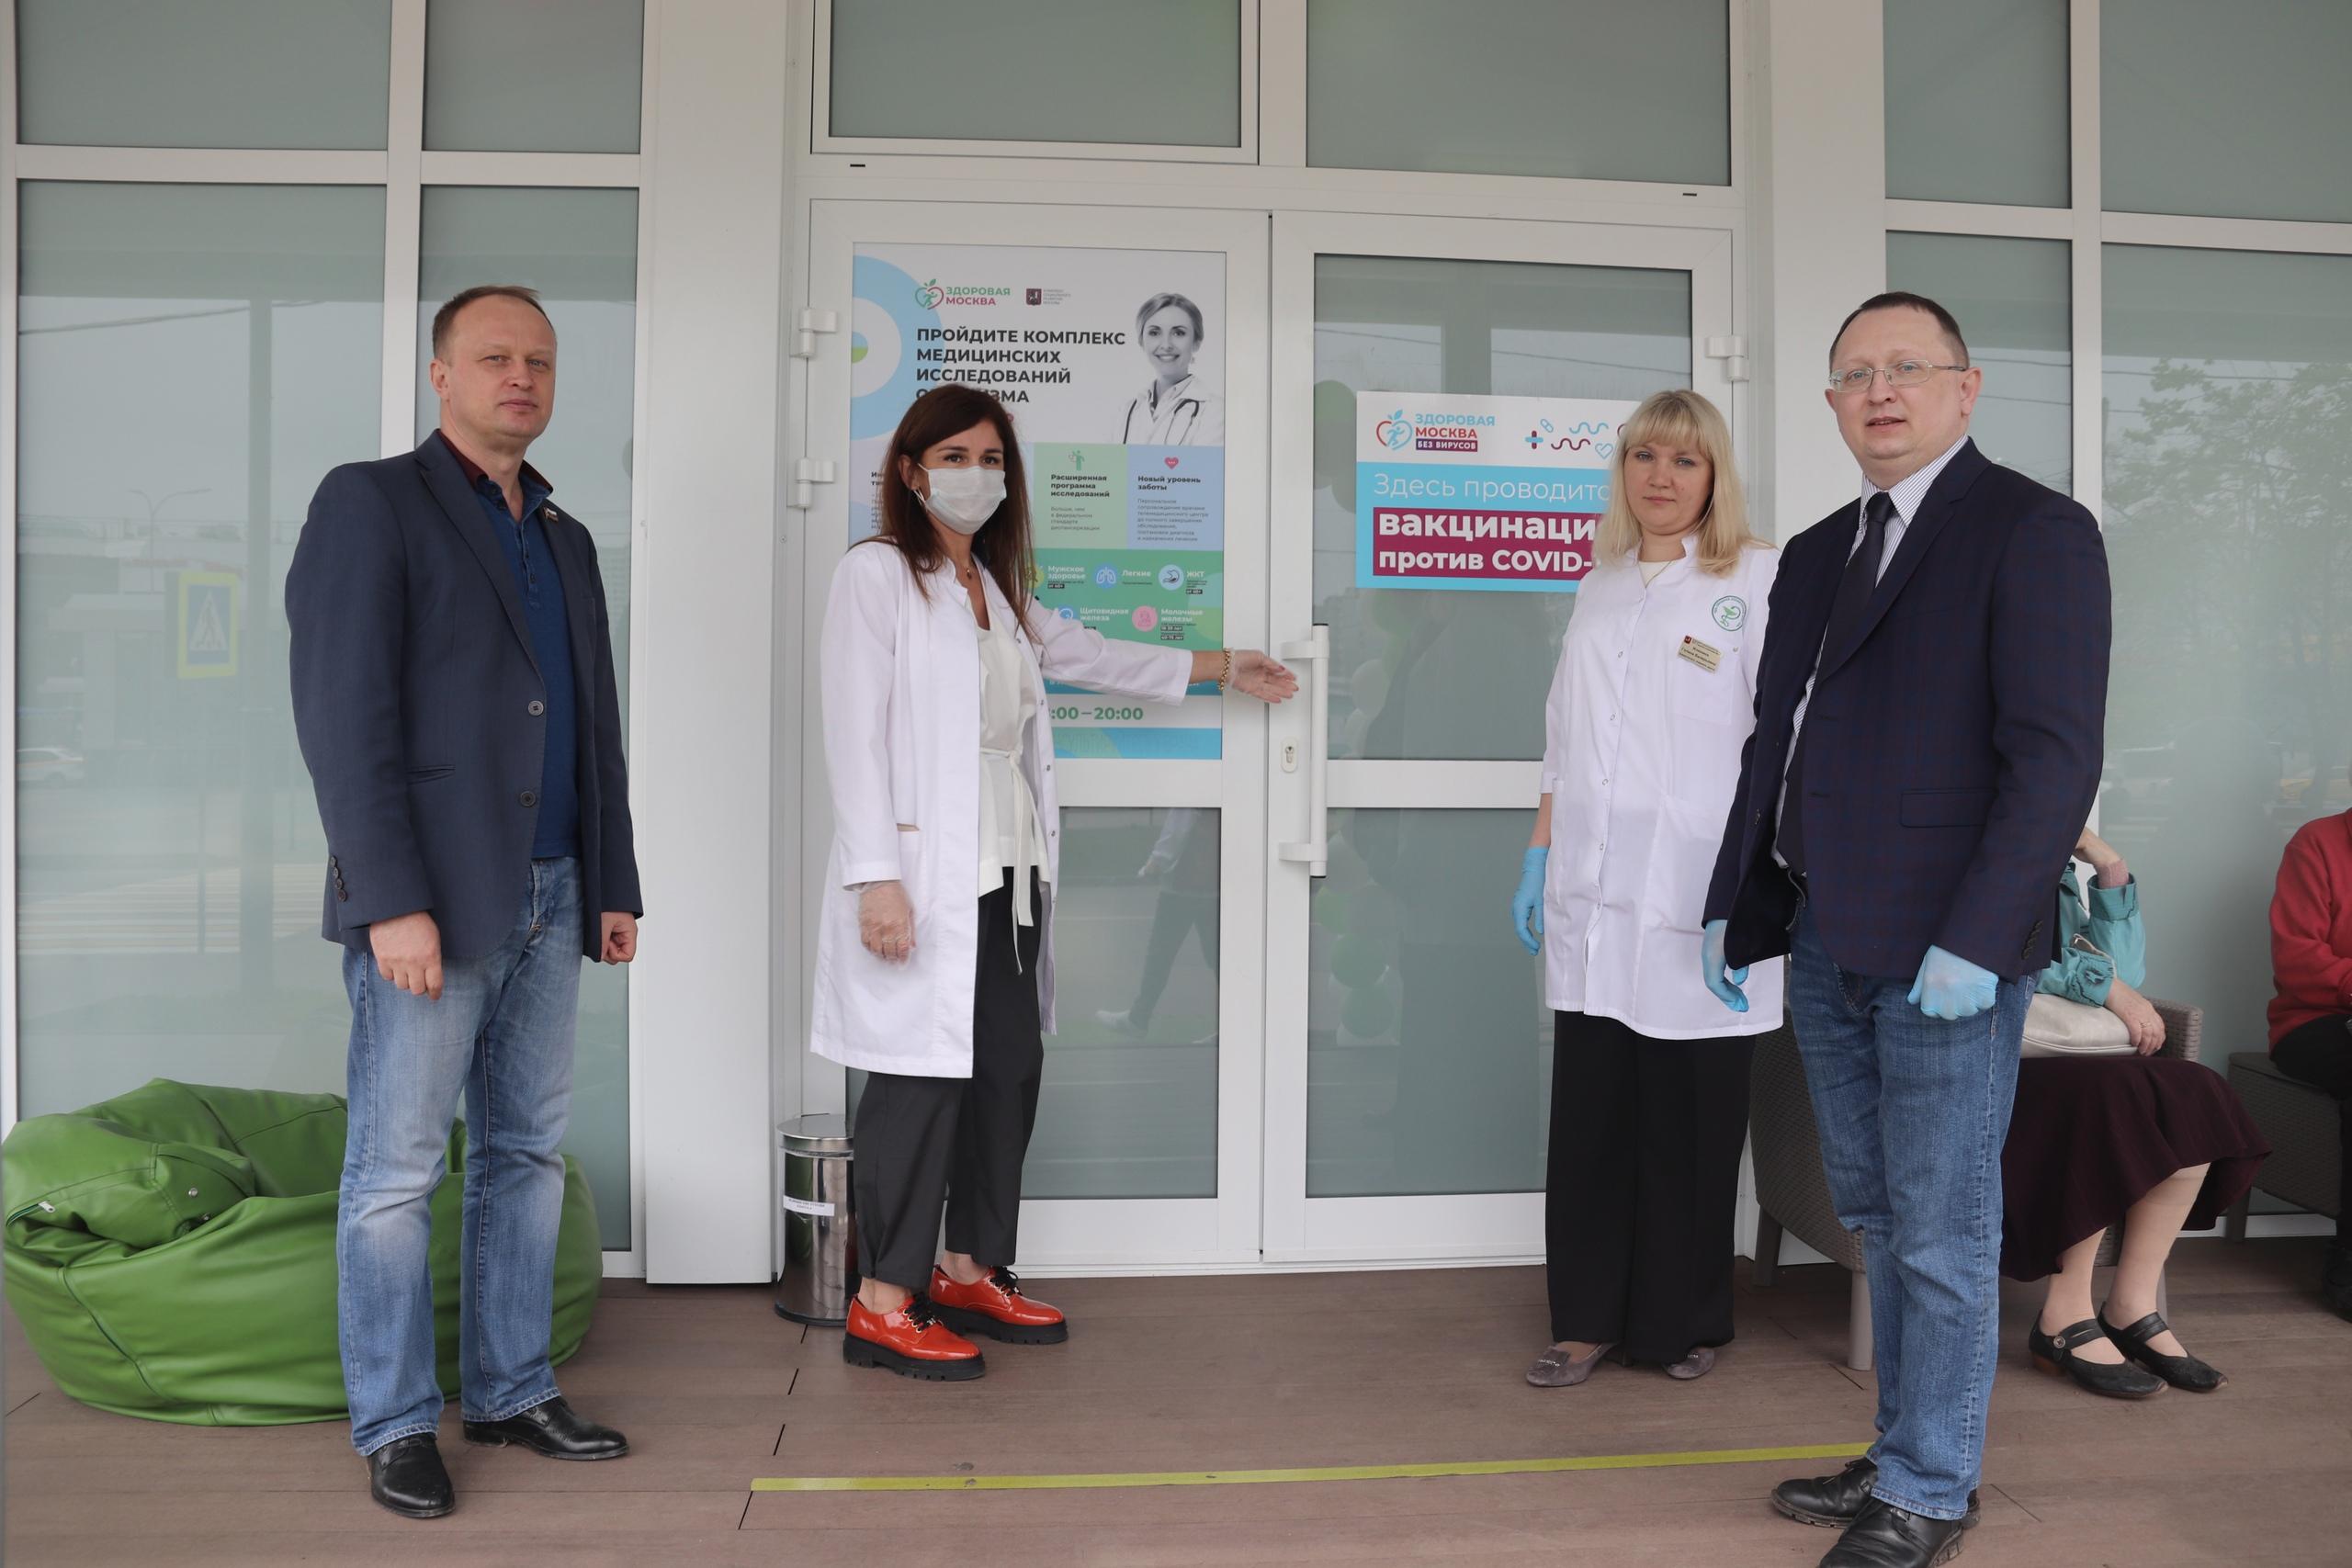 Представители местного самоуправления Орехова-Борисова Южного посетили павильон здоровья